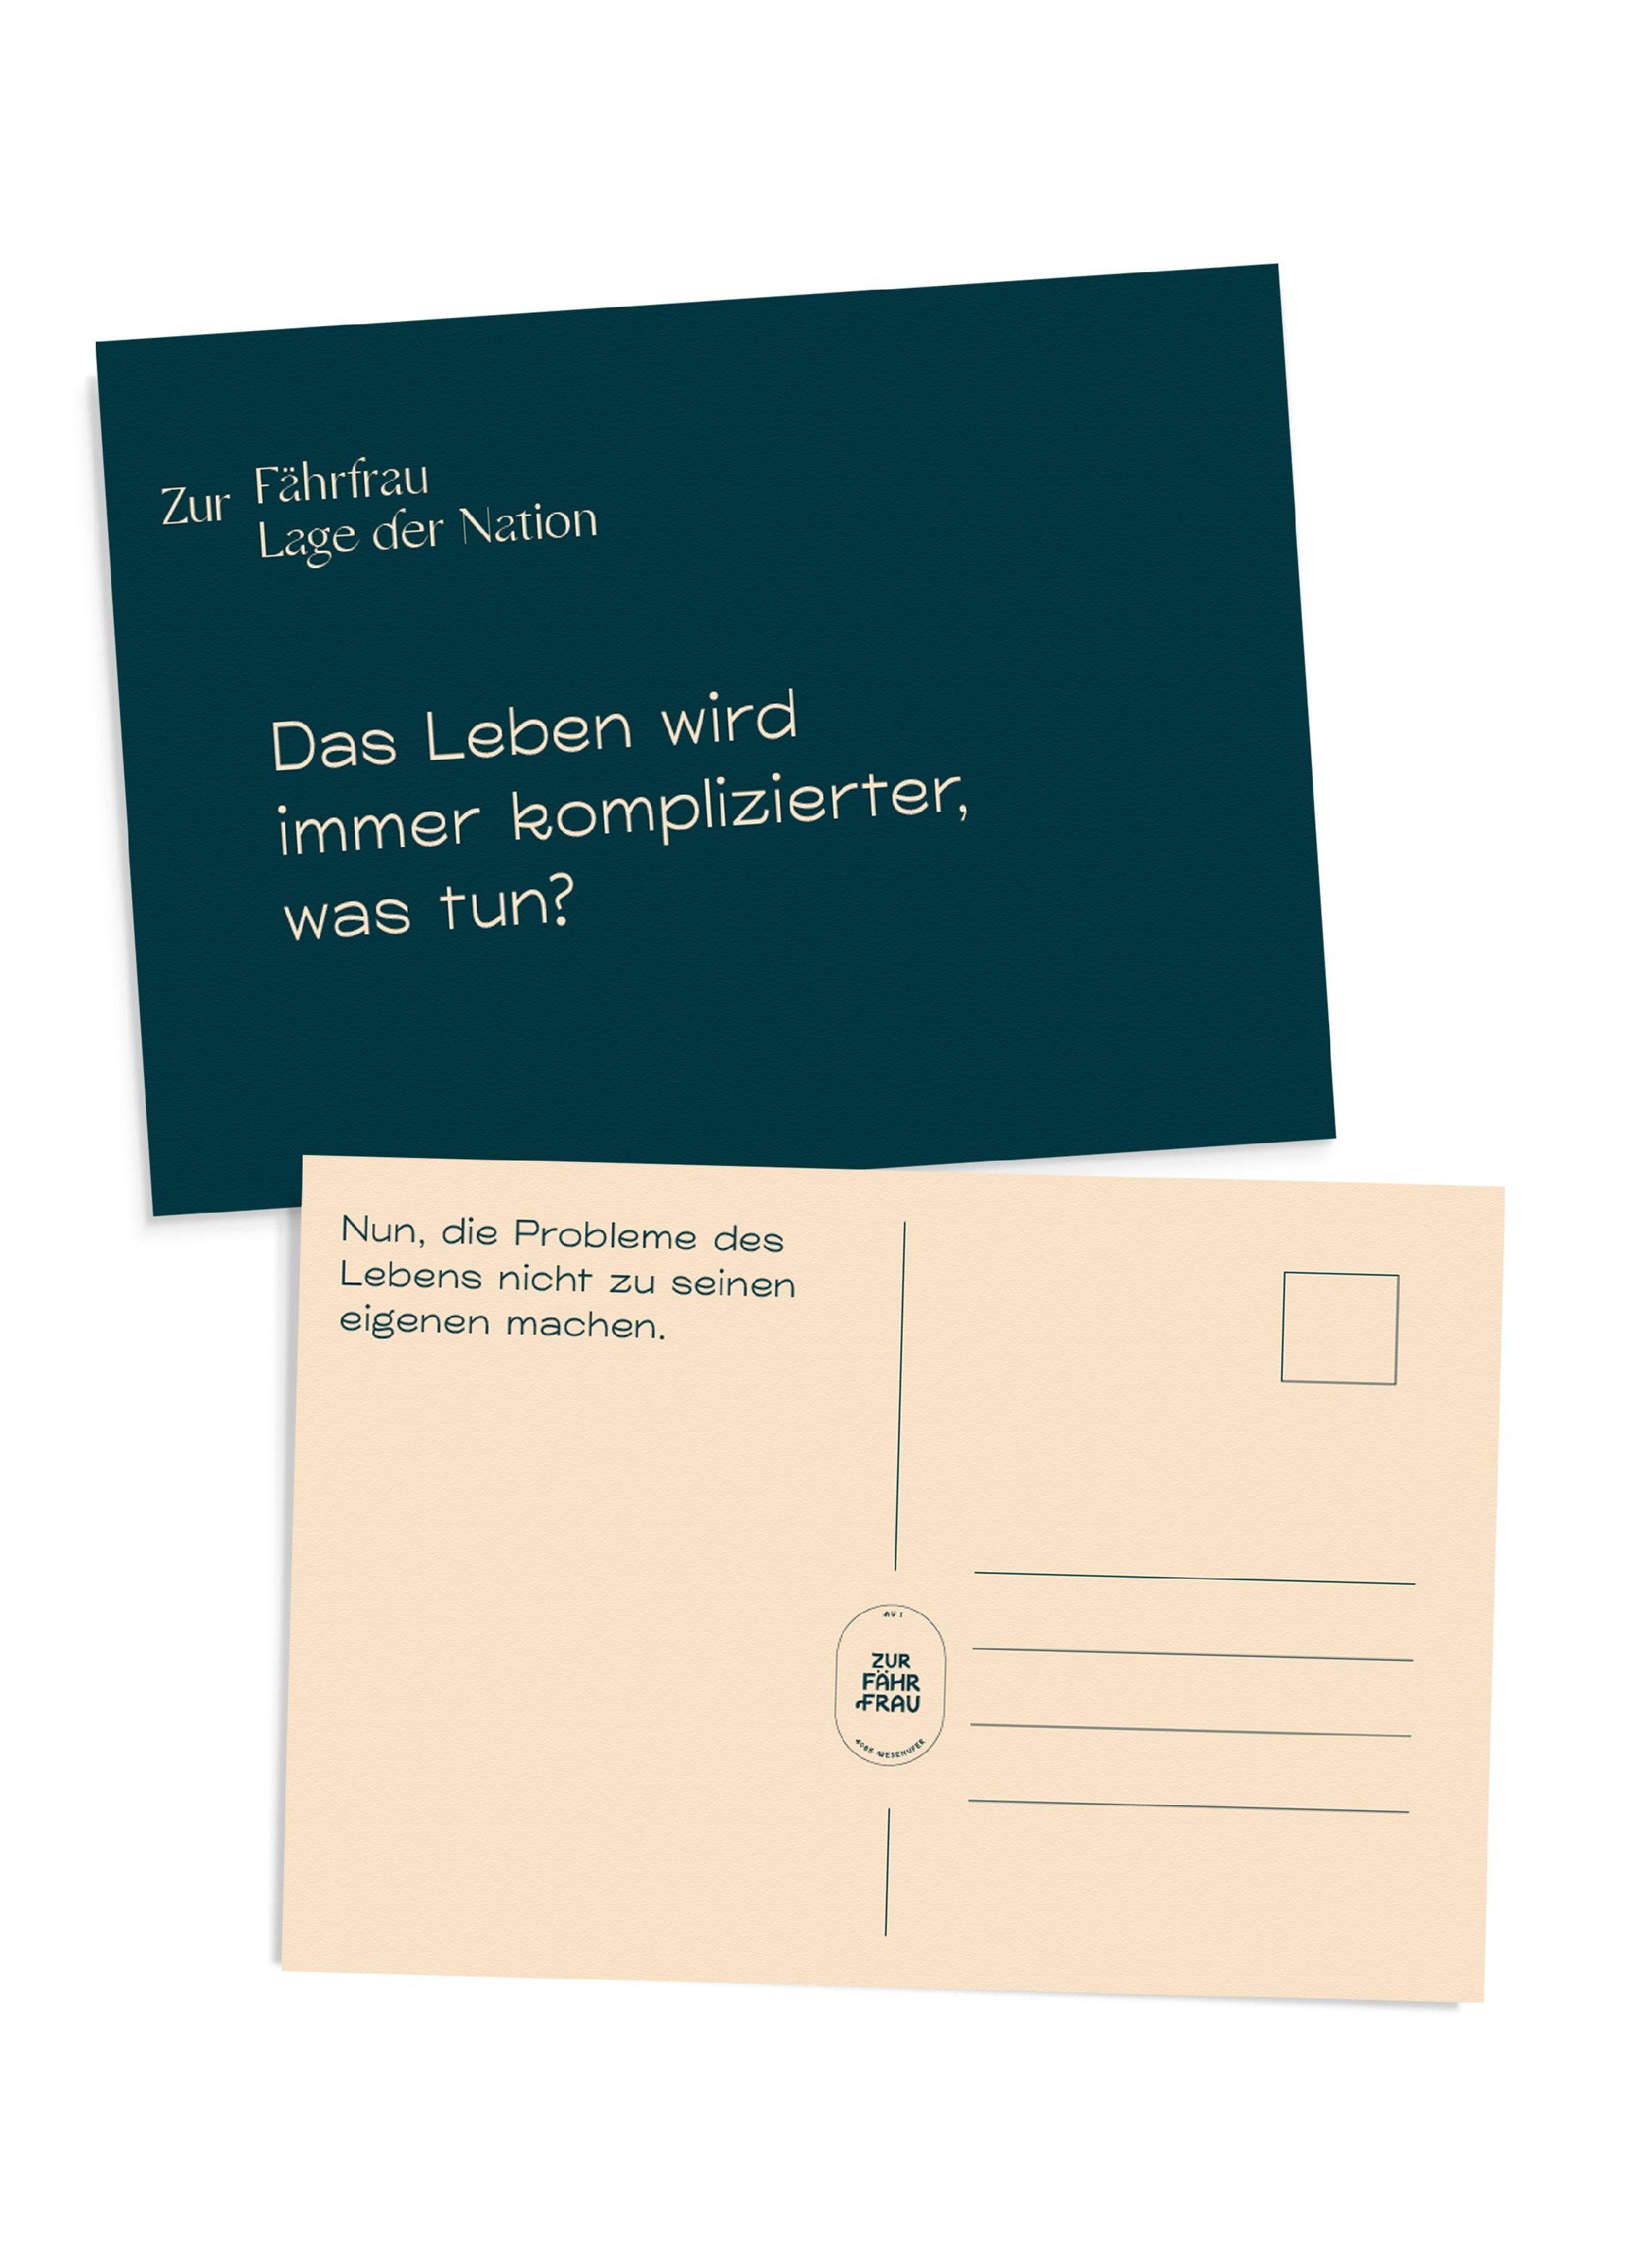 Ref Faehrfrau Website Postkarten4